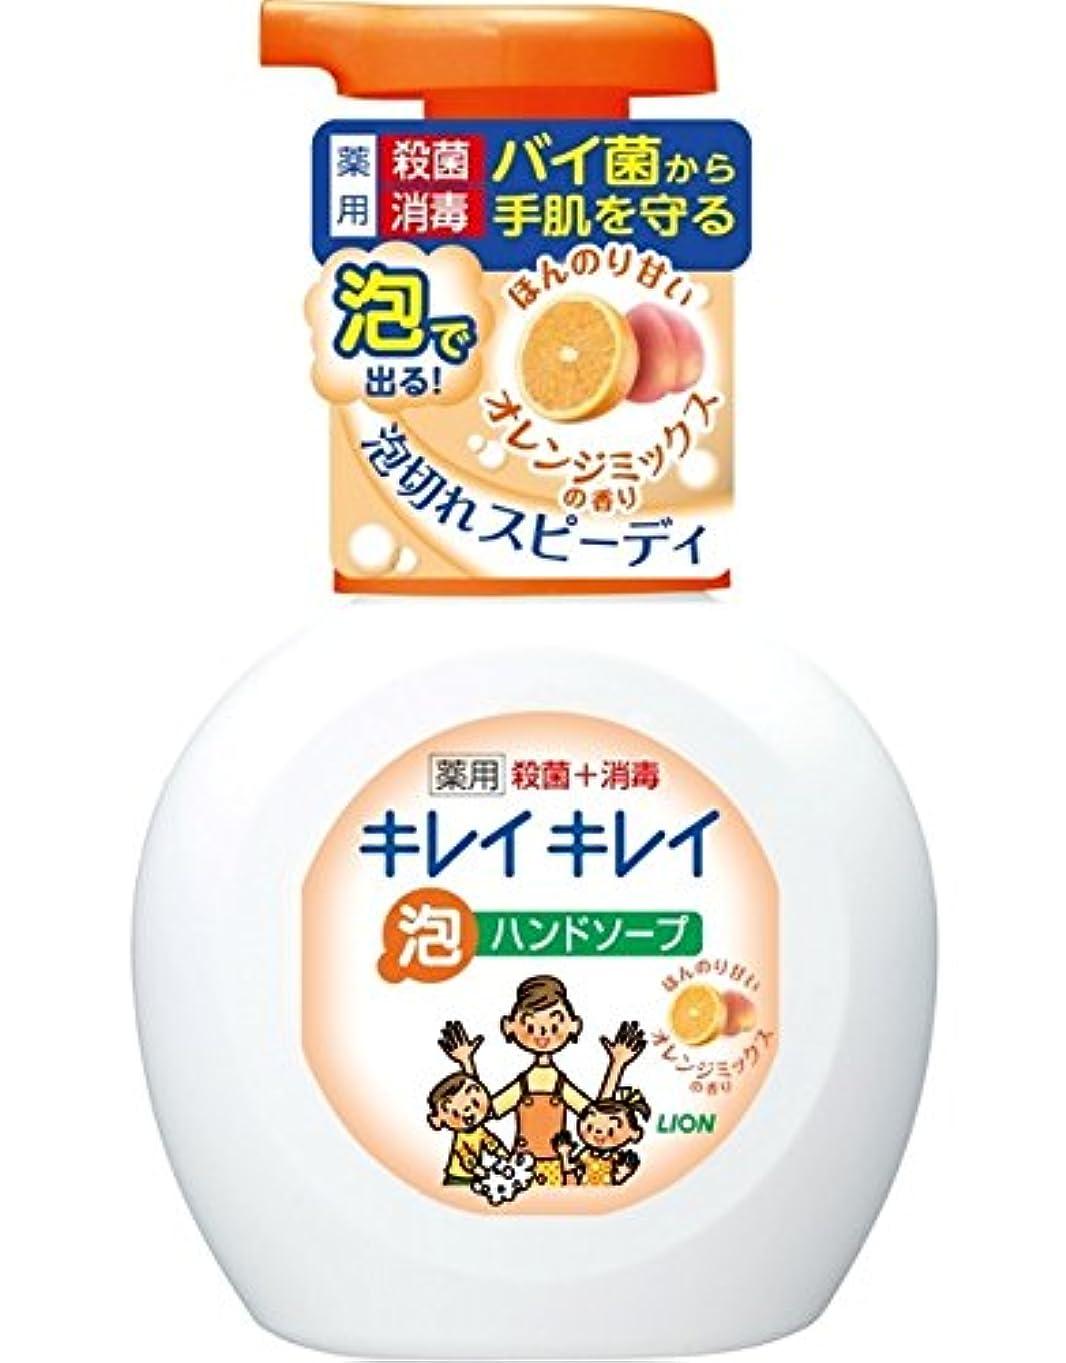 男勤勉な困ったキレイキレイ薬用泡ハンドソープオレンジミックスの香りポンプ250mL